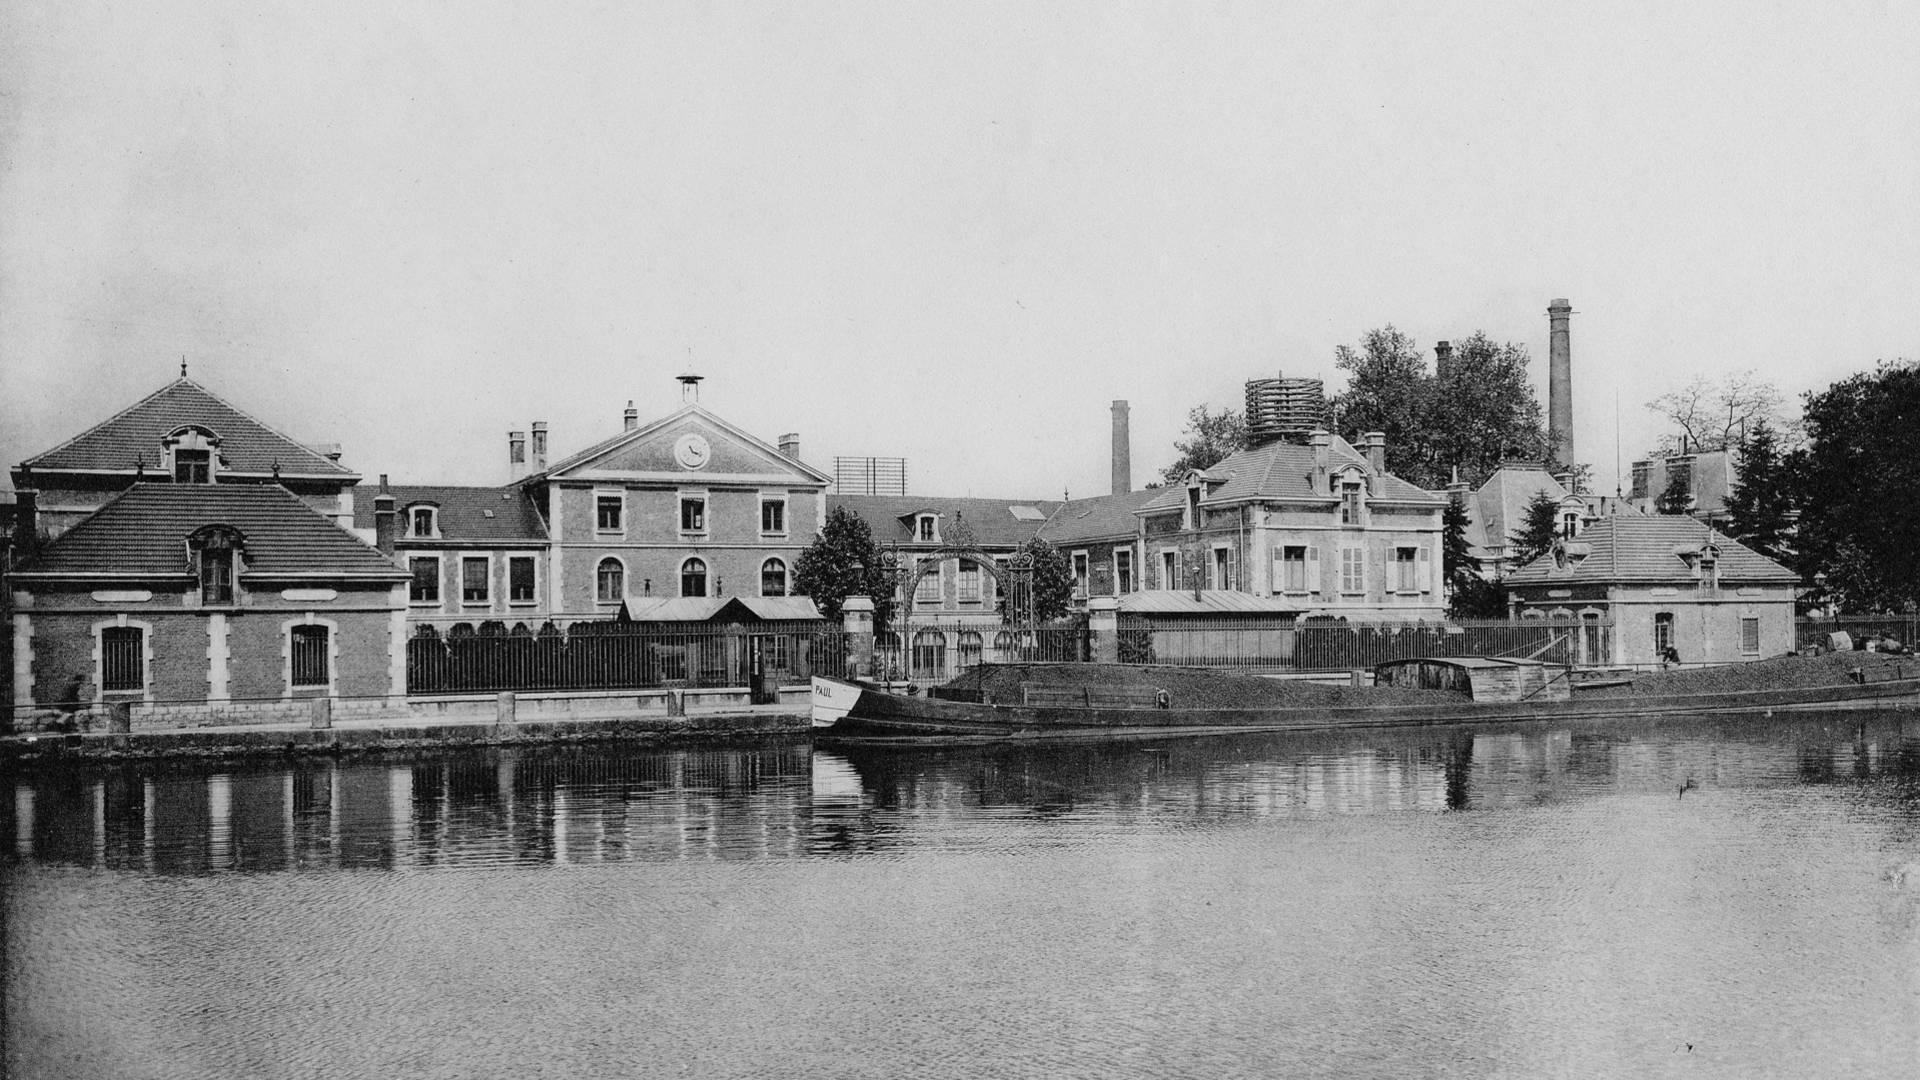 Les anciens bureaux des houillères en 1927, Montceau-les-Mines. © CUCM, Service Écomusée, reproduction D. Busseuil.